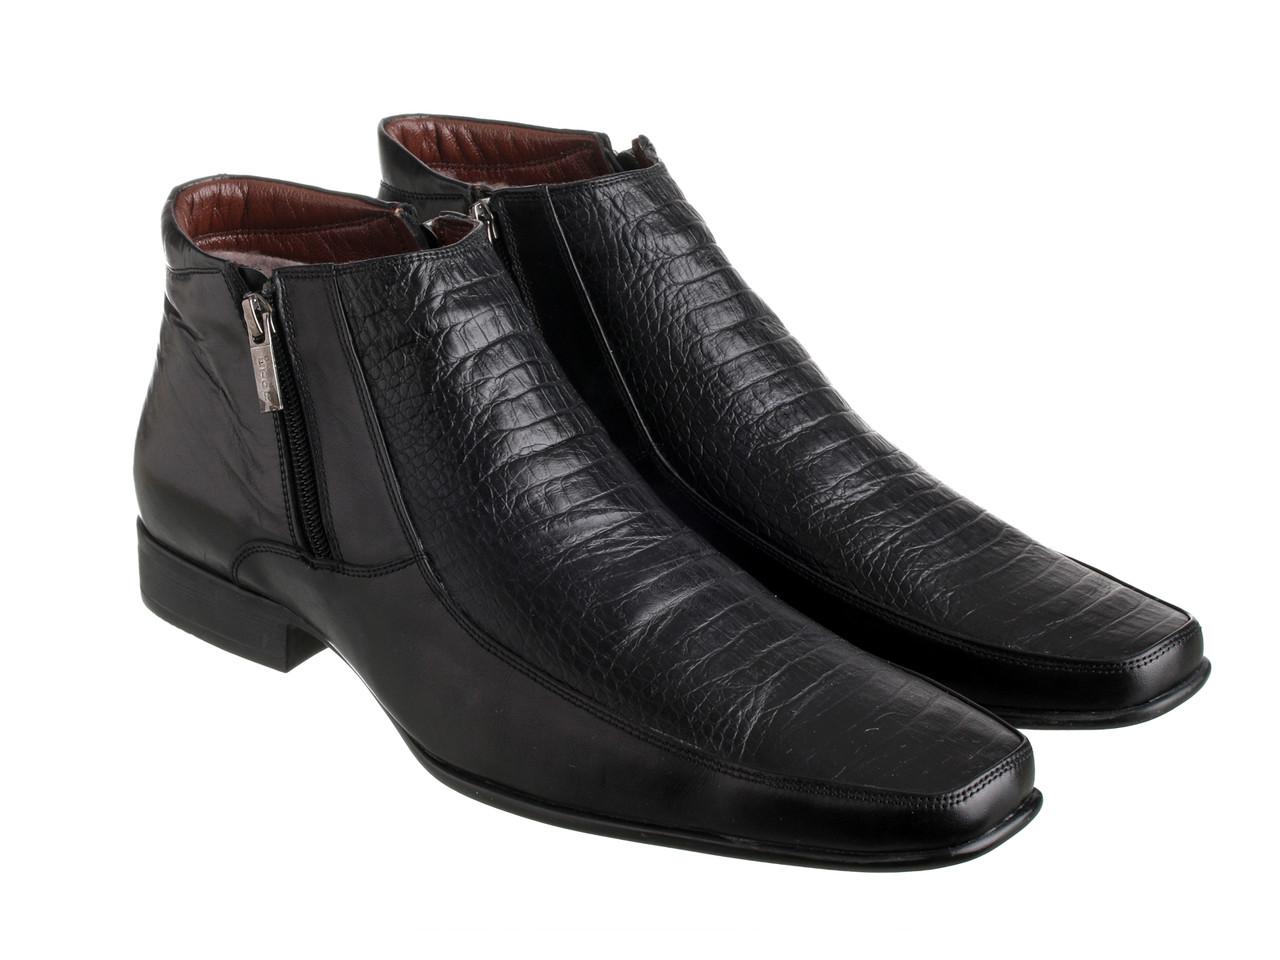 Ботинки Etor 5531 44 черные